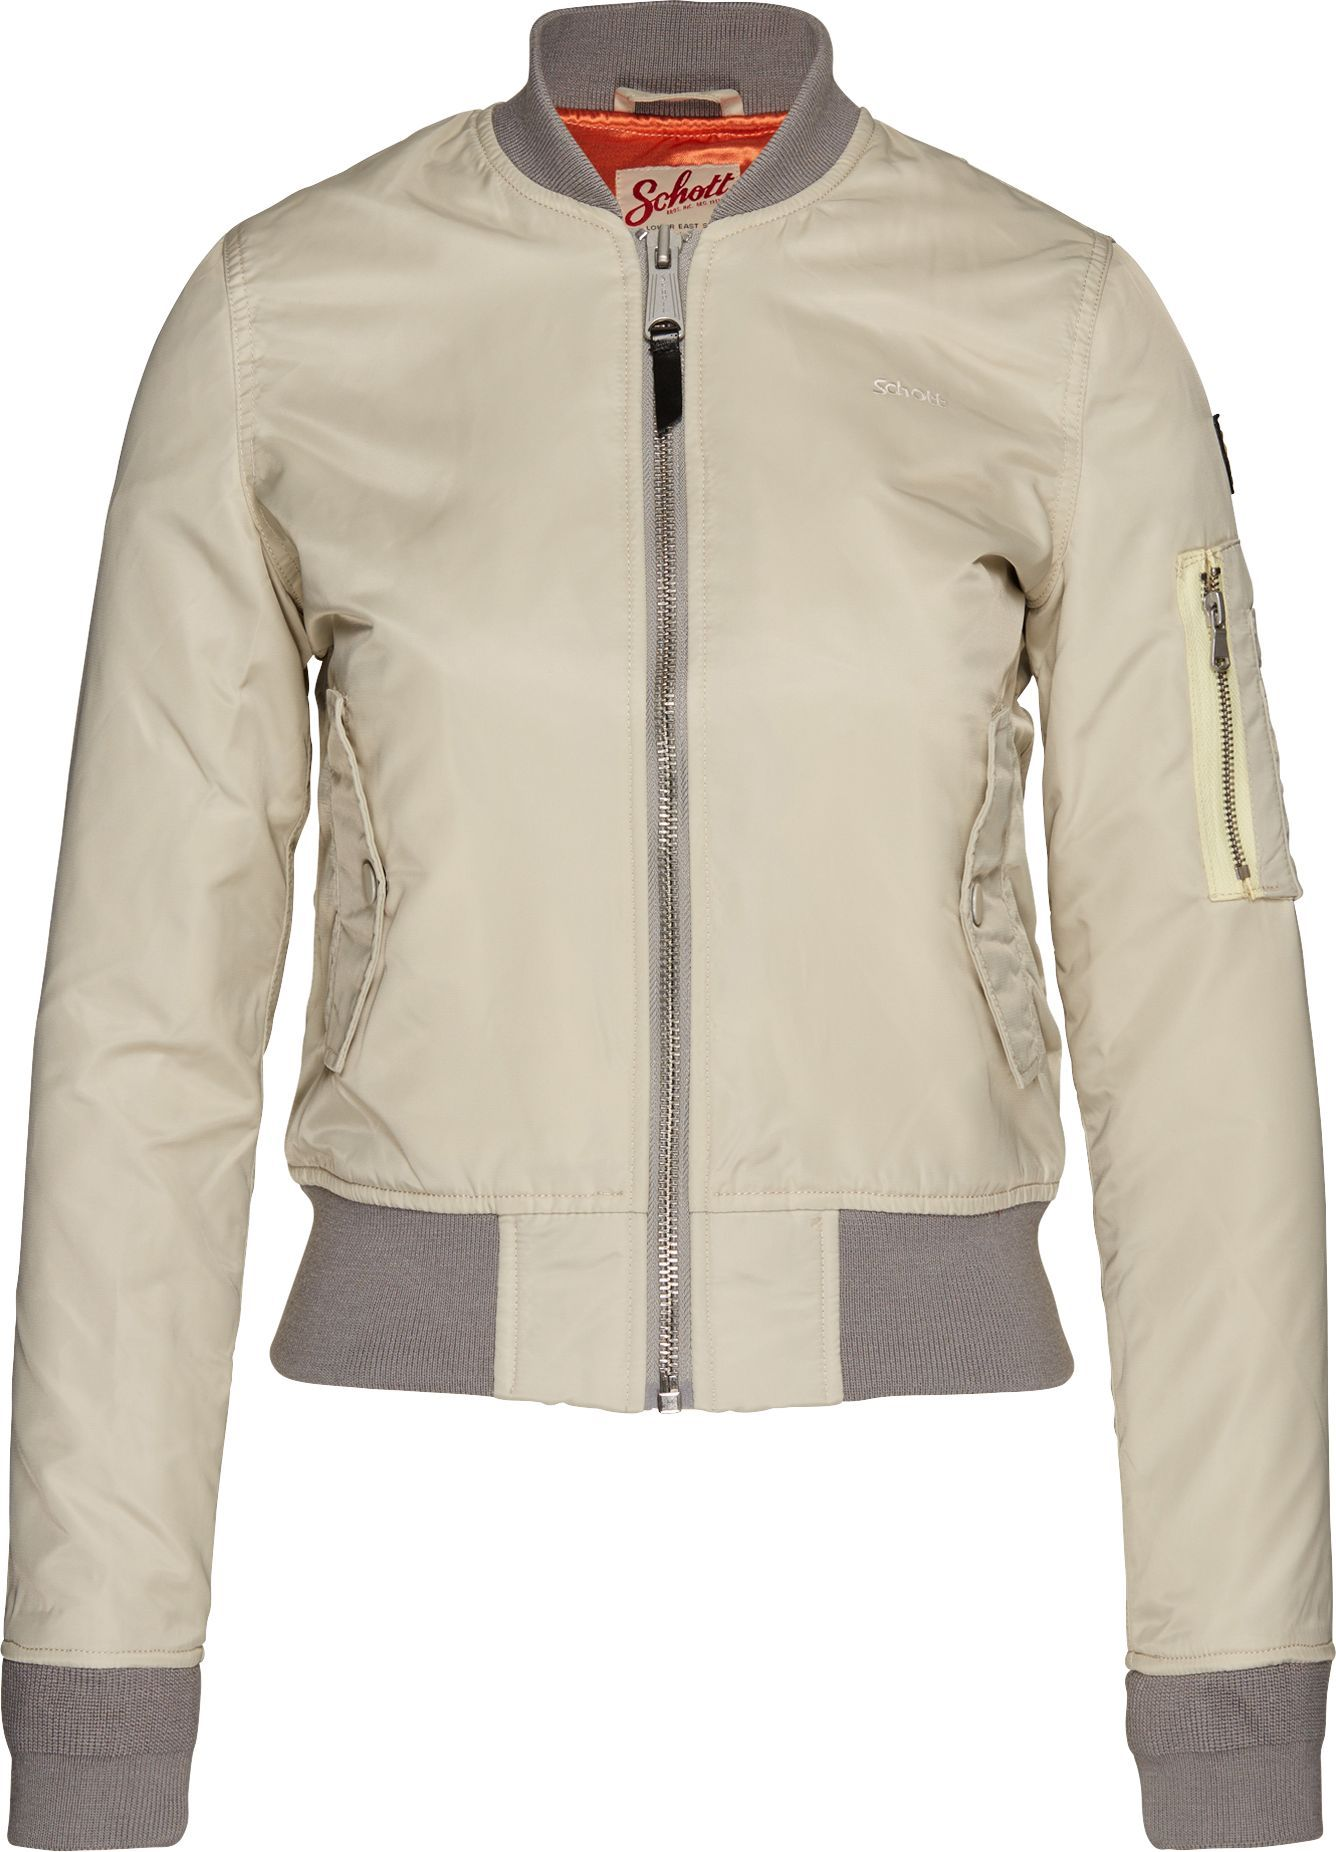 für Damen Designer Jacken bei versandkostenfrei Leichte VzGqSpUM